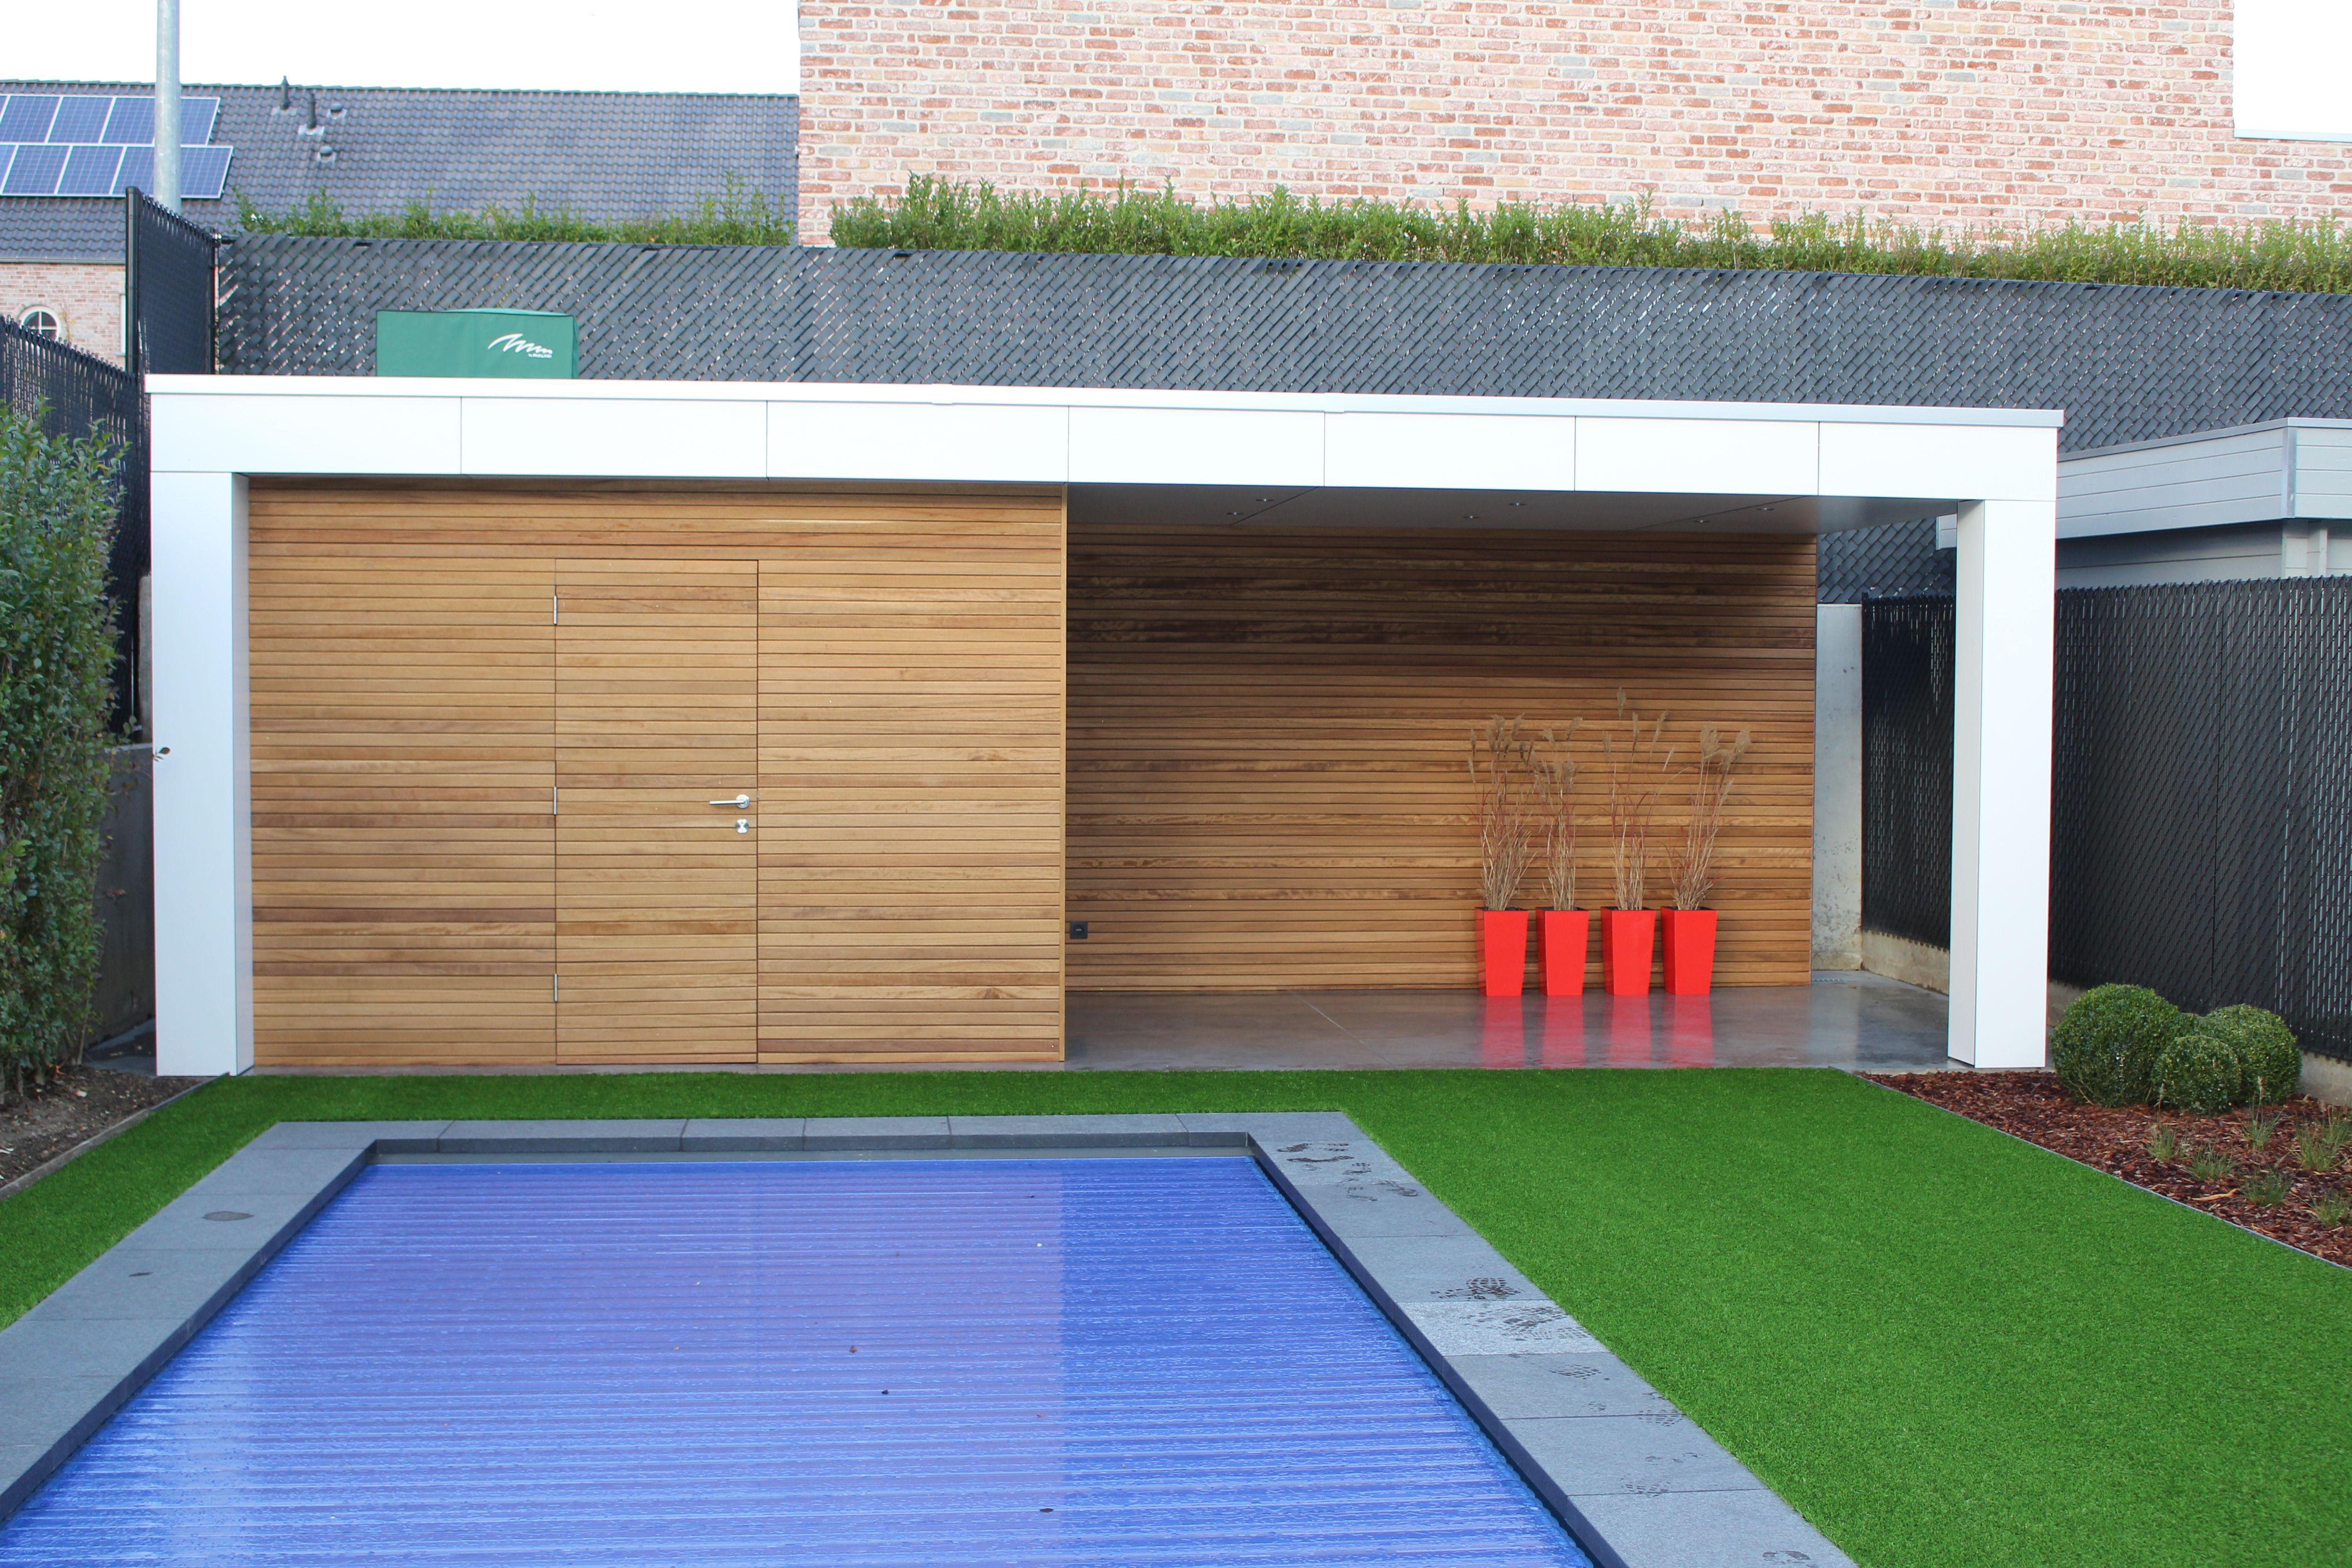 Trespa Douche Afscheiding : Poolhouse bekleed met trespa platen en iroko latten horizontaal